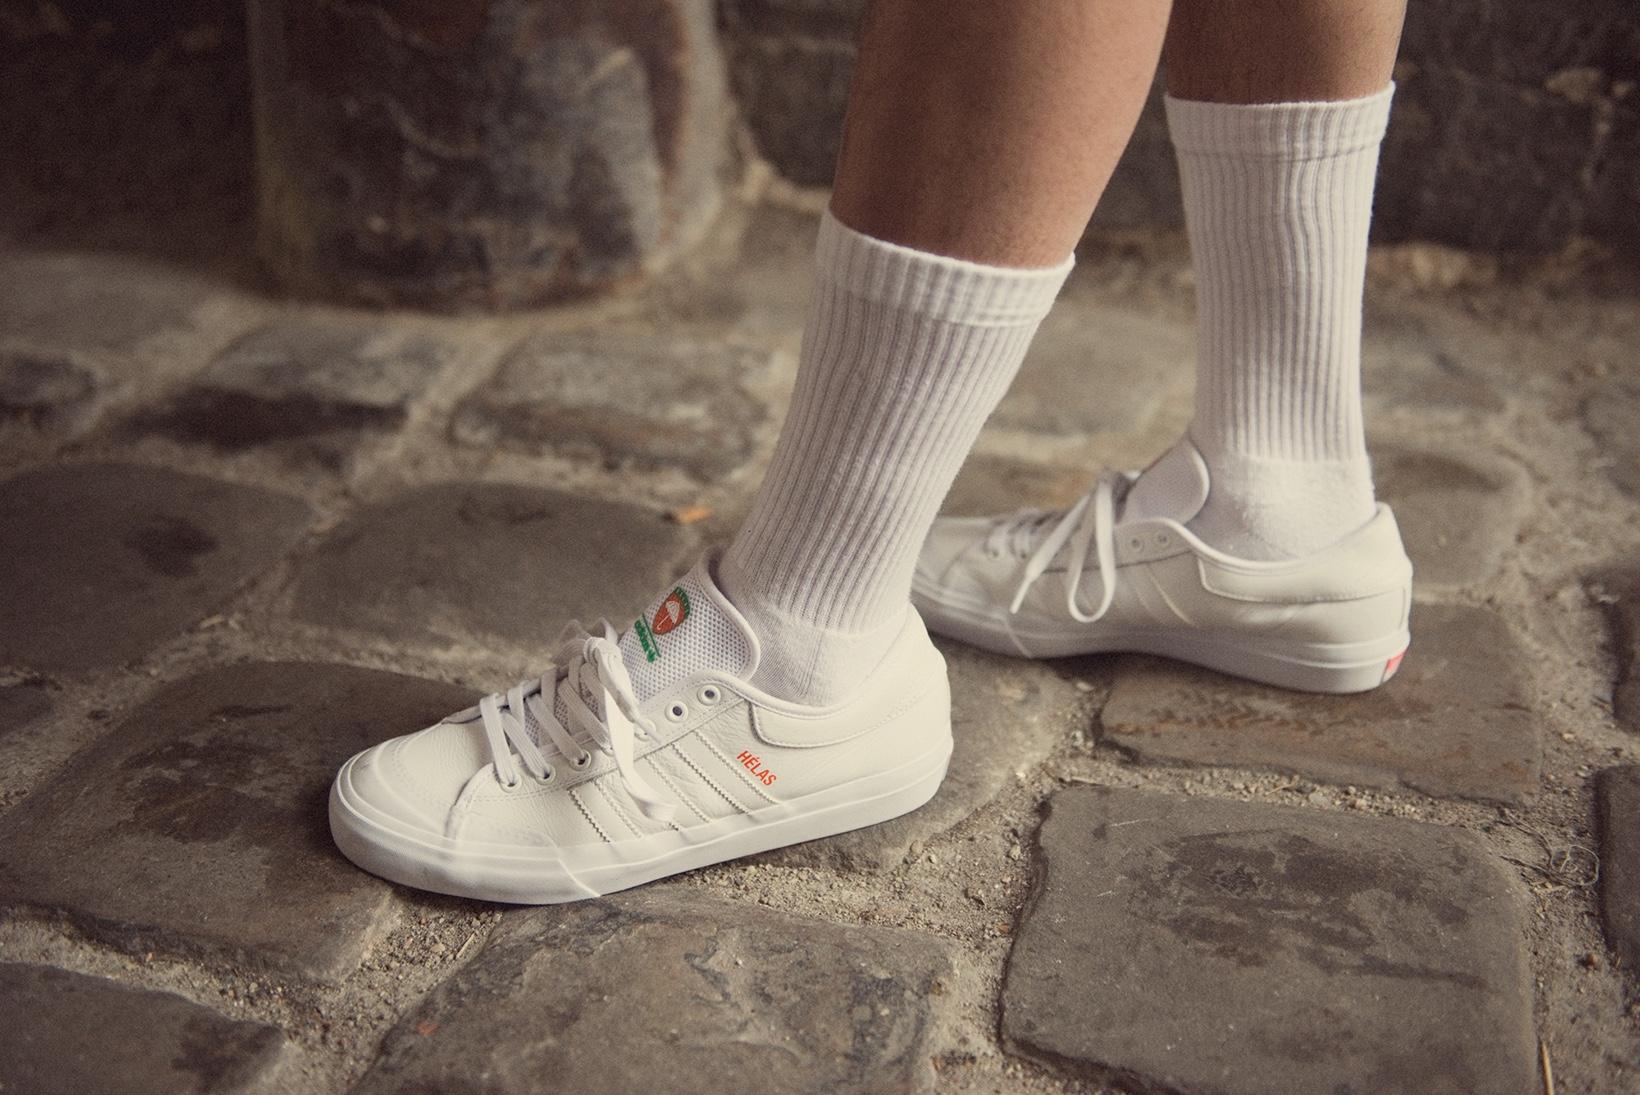 helas adidas skateboarding collab 9 - Hélas lança parceria com adidas Skateboarding